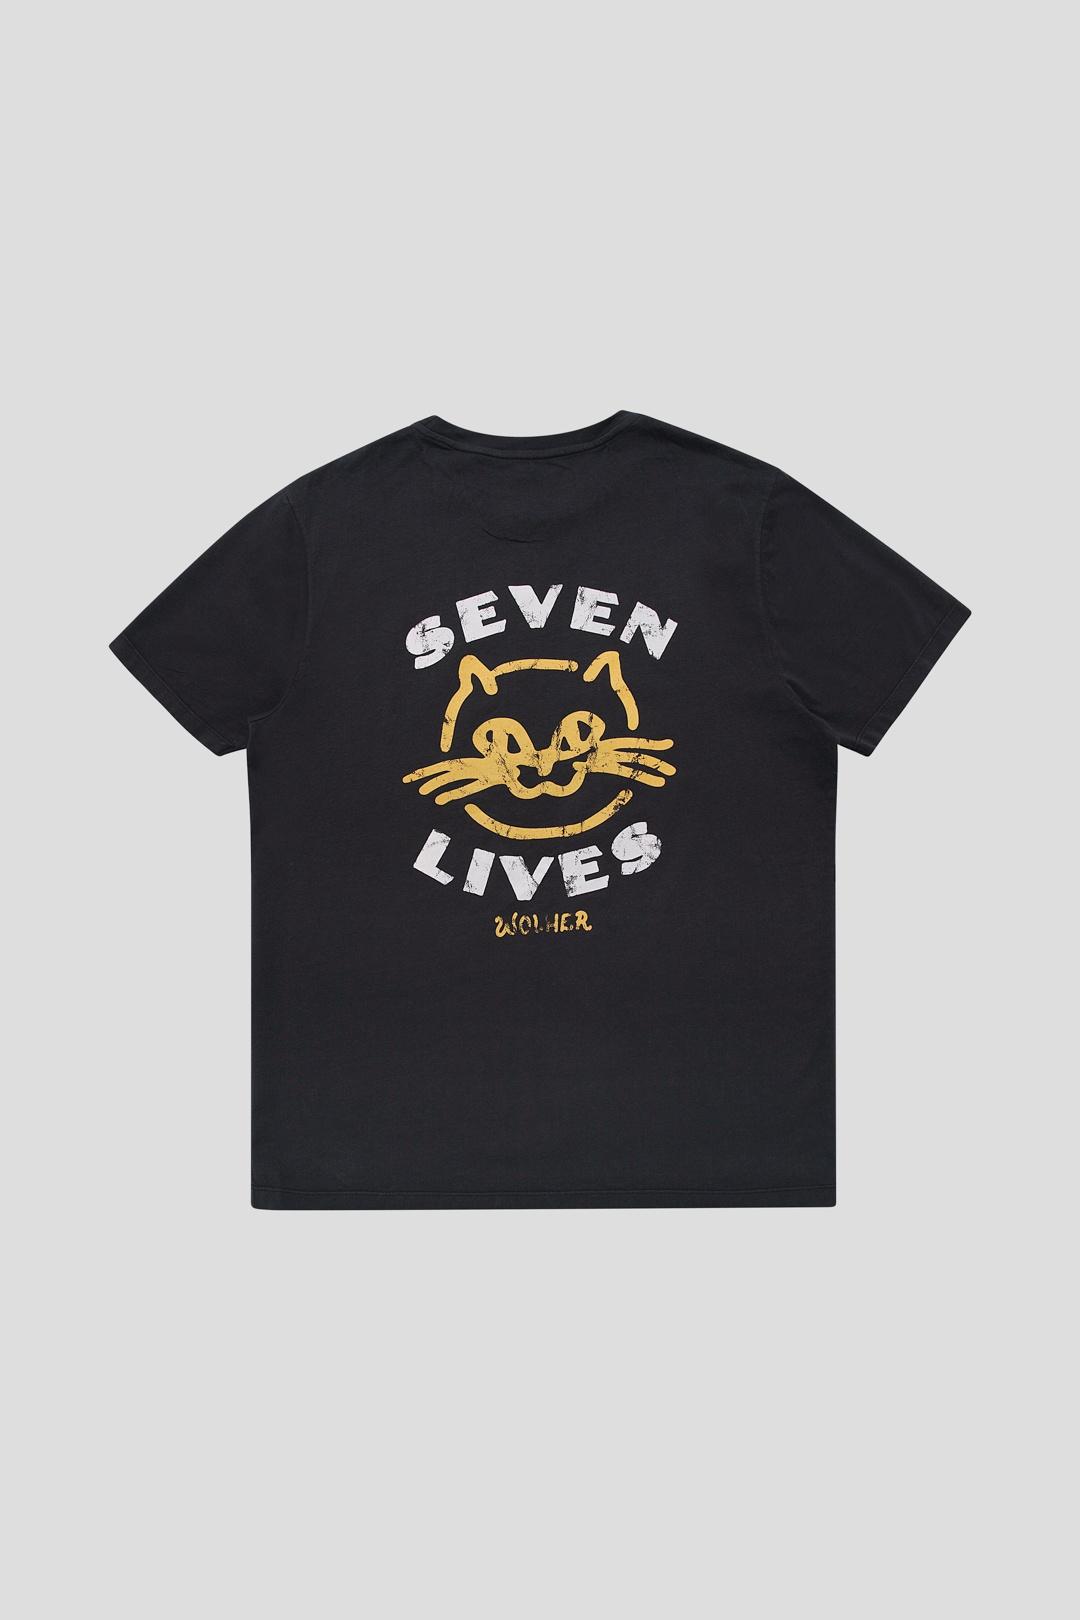 SEVEN LIVE TSHIRT